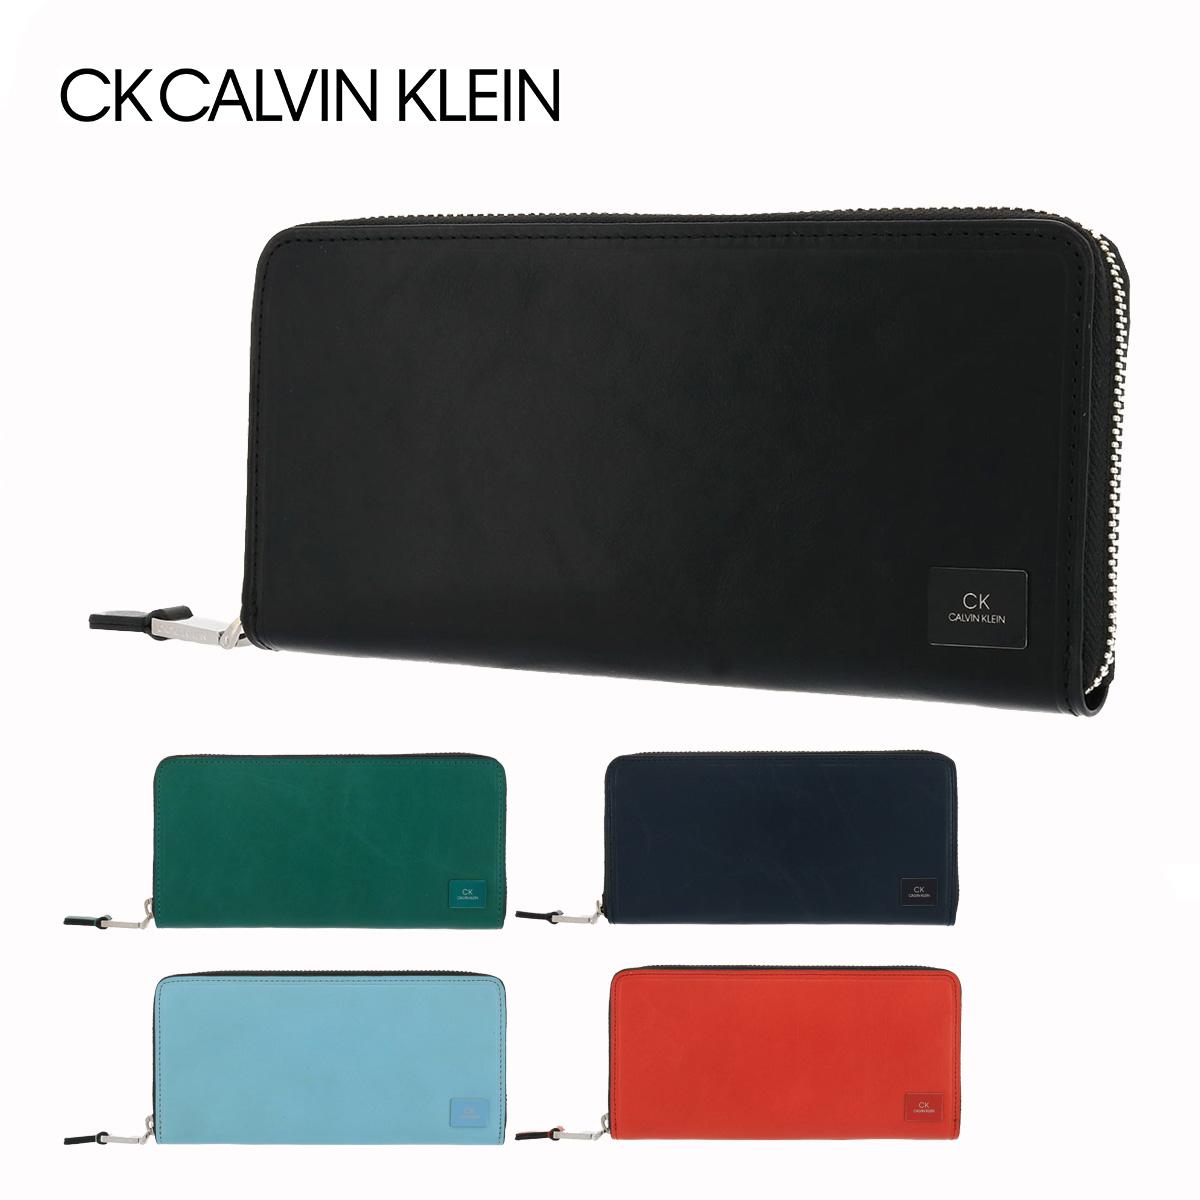 シーケー カルバンクライン 長財布 ラウンドファスナー ワキシー メンズ 809625 CK CALVIN KLEIN | 牛革 本革 レザー[bef][PO5]